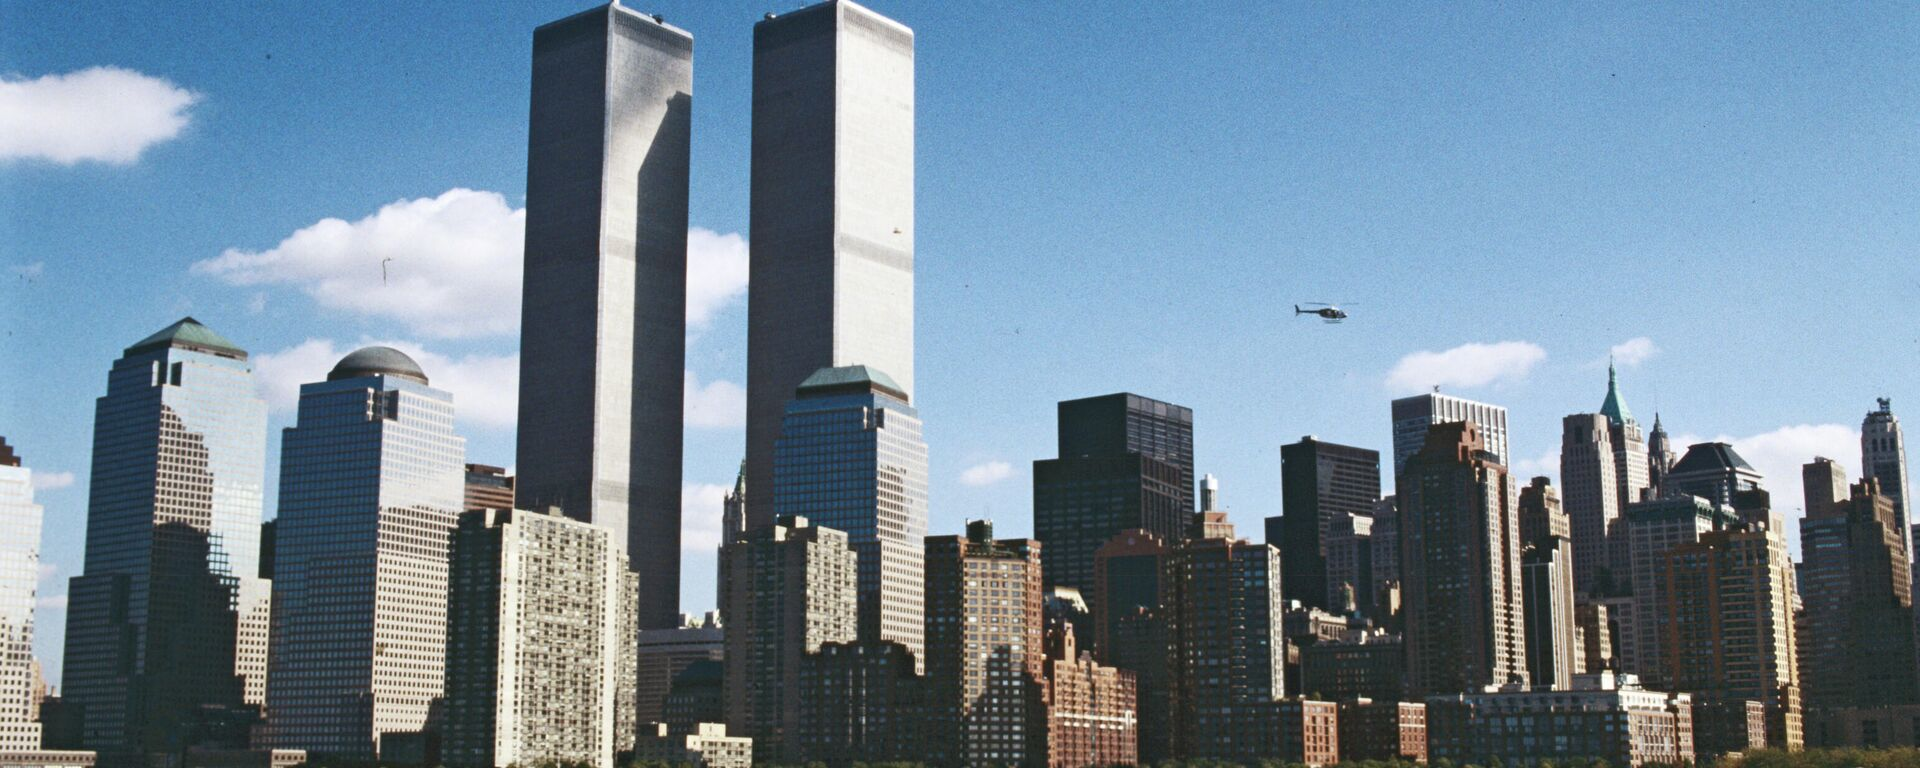 Всемирный торговый центр - комплекс из семи зданий на острове Манхэтте - Sputnik Узбекистан, 1920, 09.09.2021